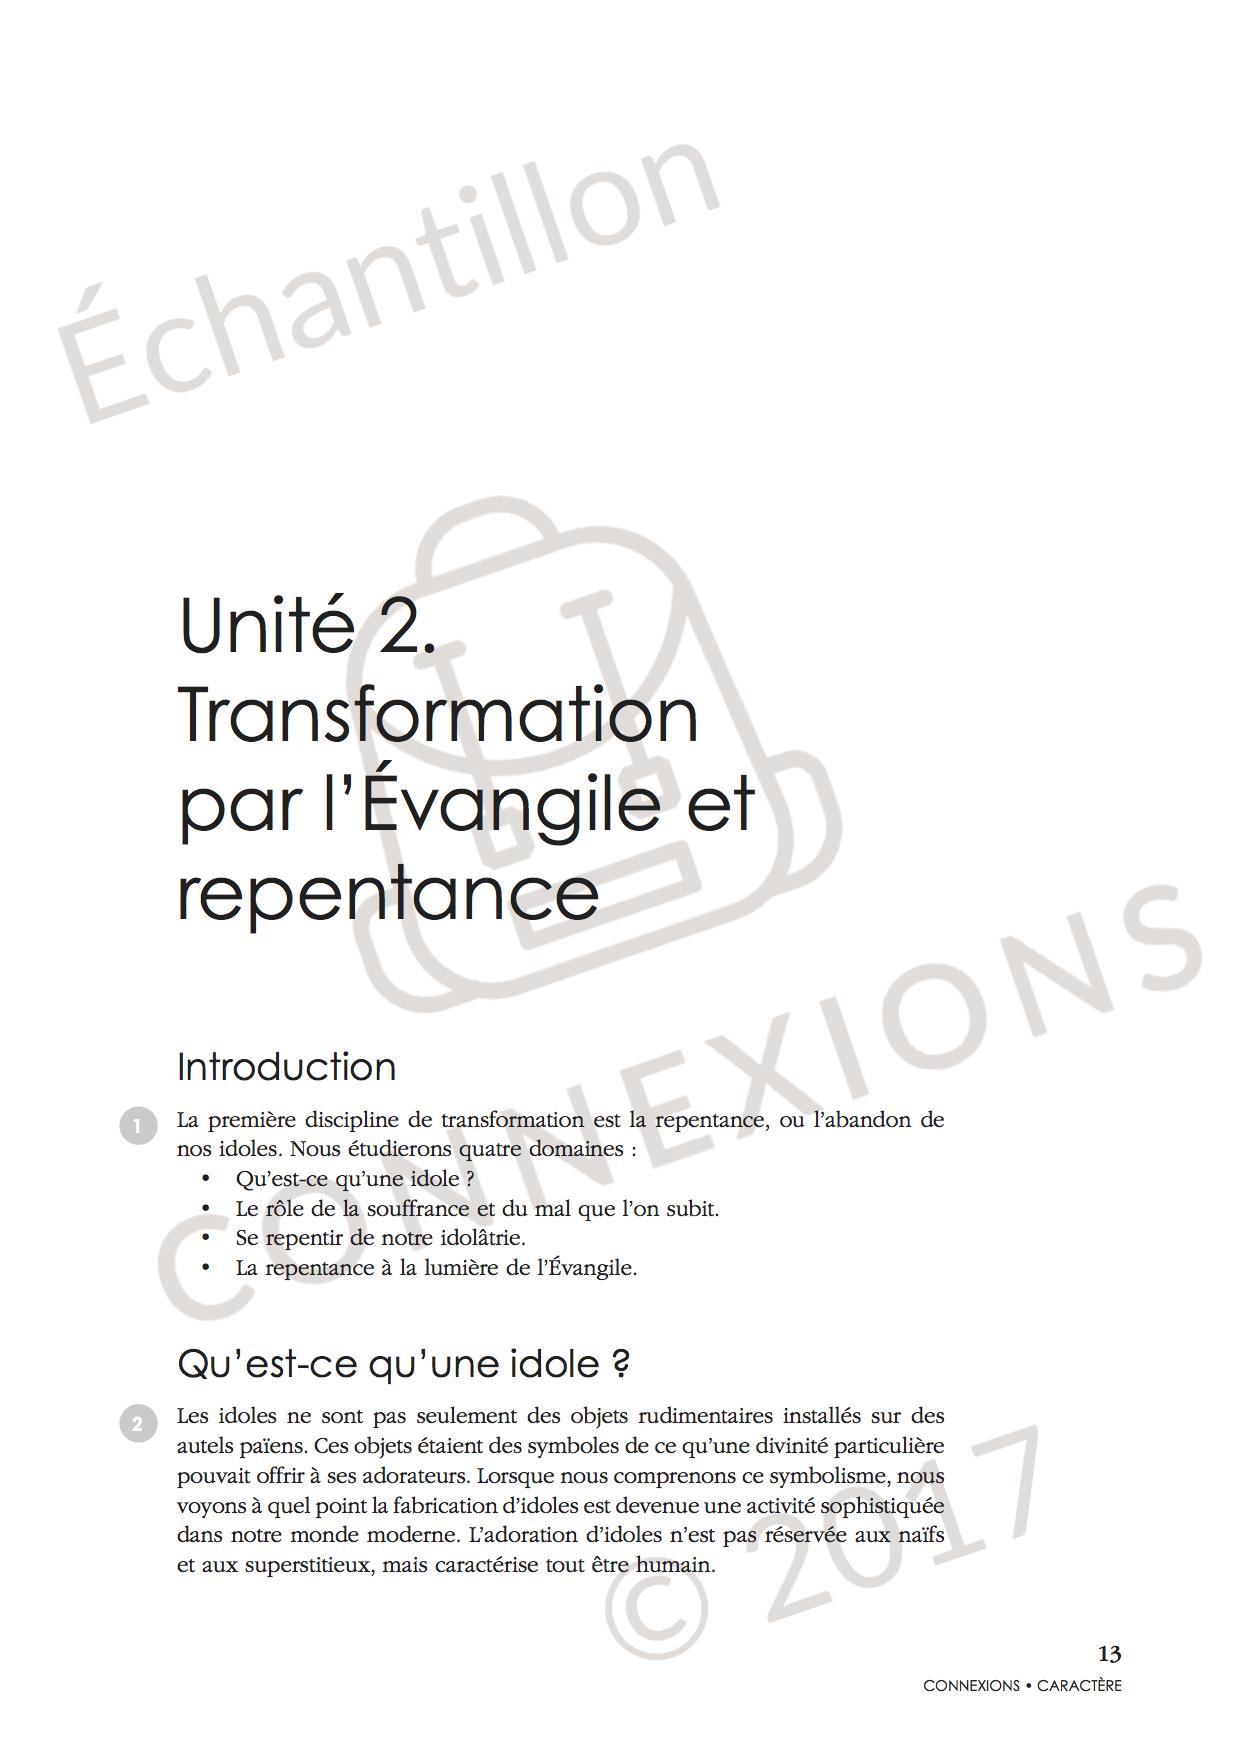 L'Évangile au cœur de la transformation_sample_published.2.png